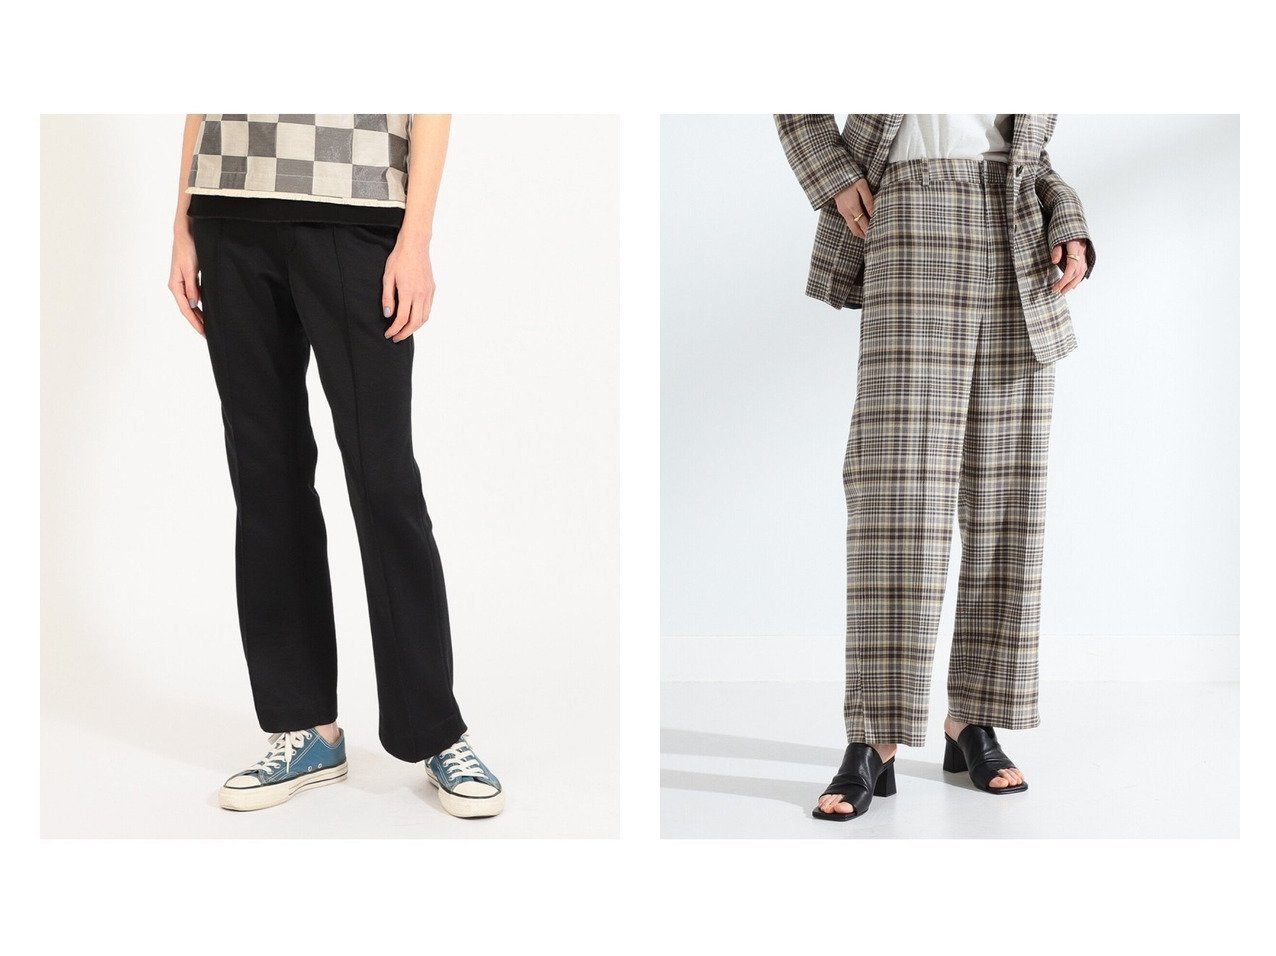 【BEAMS BOY/ビームス ボーイ】のStitch Painter Pants&【Ray BEAMS/レイ ビームス】のチェック サイド スリット パンツ パンツのおすすめ!人気、トレンド・レディースファッションの通販 おすすめで人気の流行・トレンド、ファッションの通販商品 メンズファッション・キッズファッション・インテリア・家具・レディースファッション・服の通販 founy(ファニー) https://founy.com/ ファッション Fashion レディースファッション WOMEN パンツ Pants NEW・新作・新着・新入荷 New Arrivals ジーンズ スリット チェック ベーシック 再入荷 Restock/Back in Stock/Re Arrival ジャケット スラックス セットアップ ドレス |ID:crp329100000009505